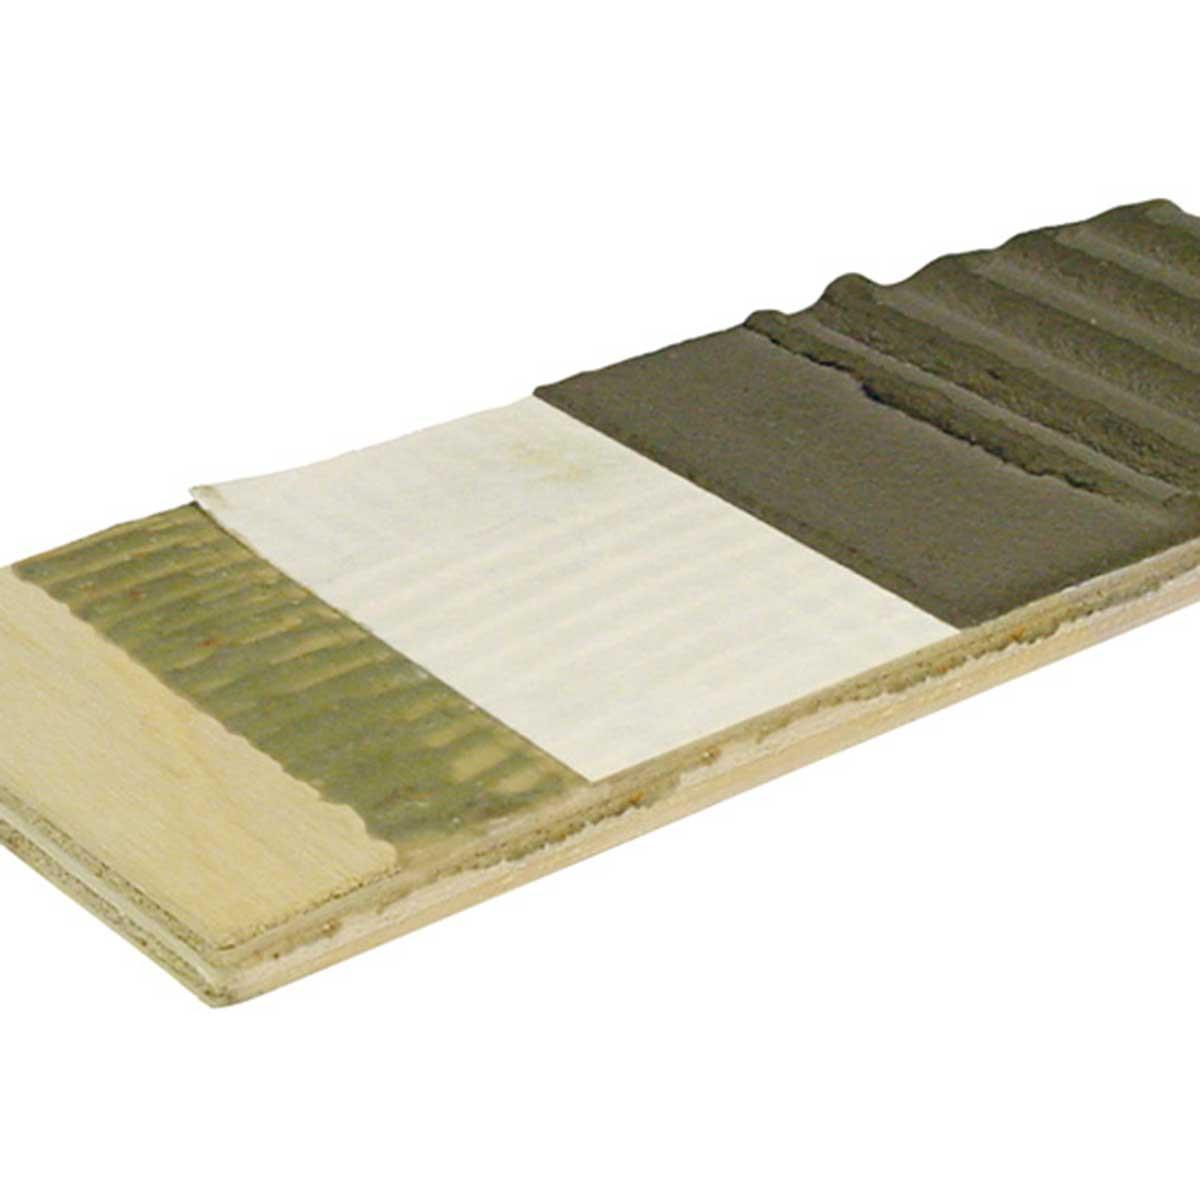 Tavy thin skin Underlayment glue